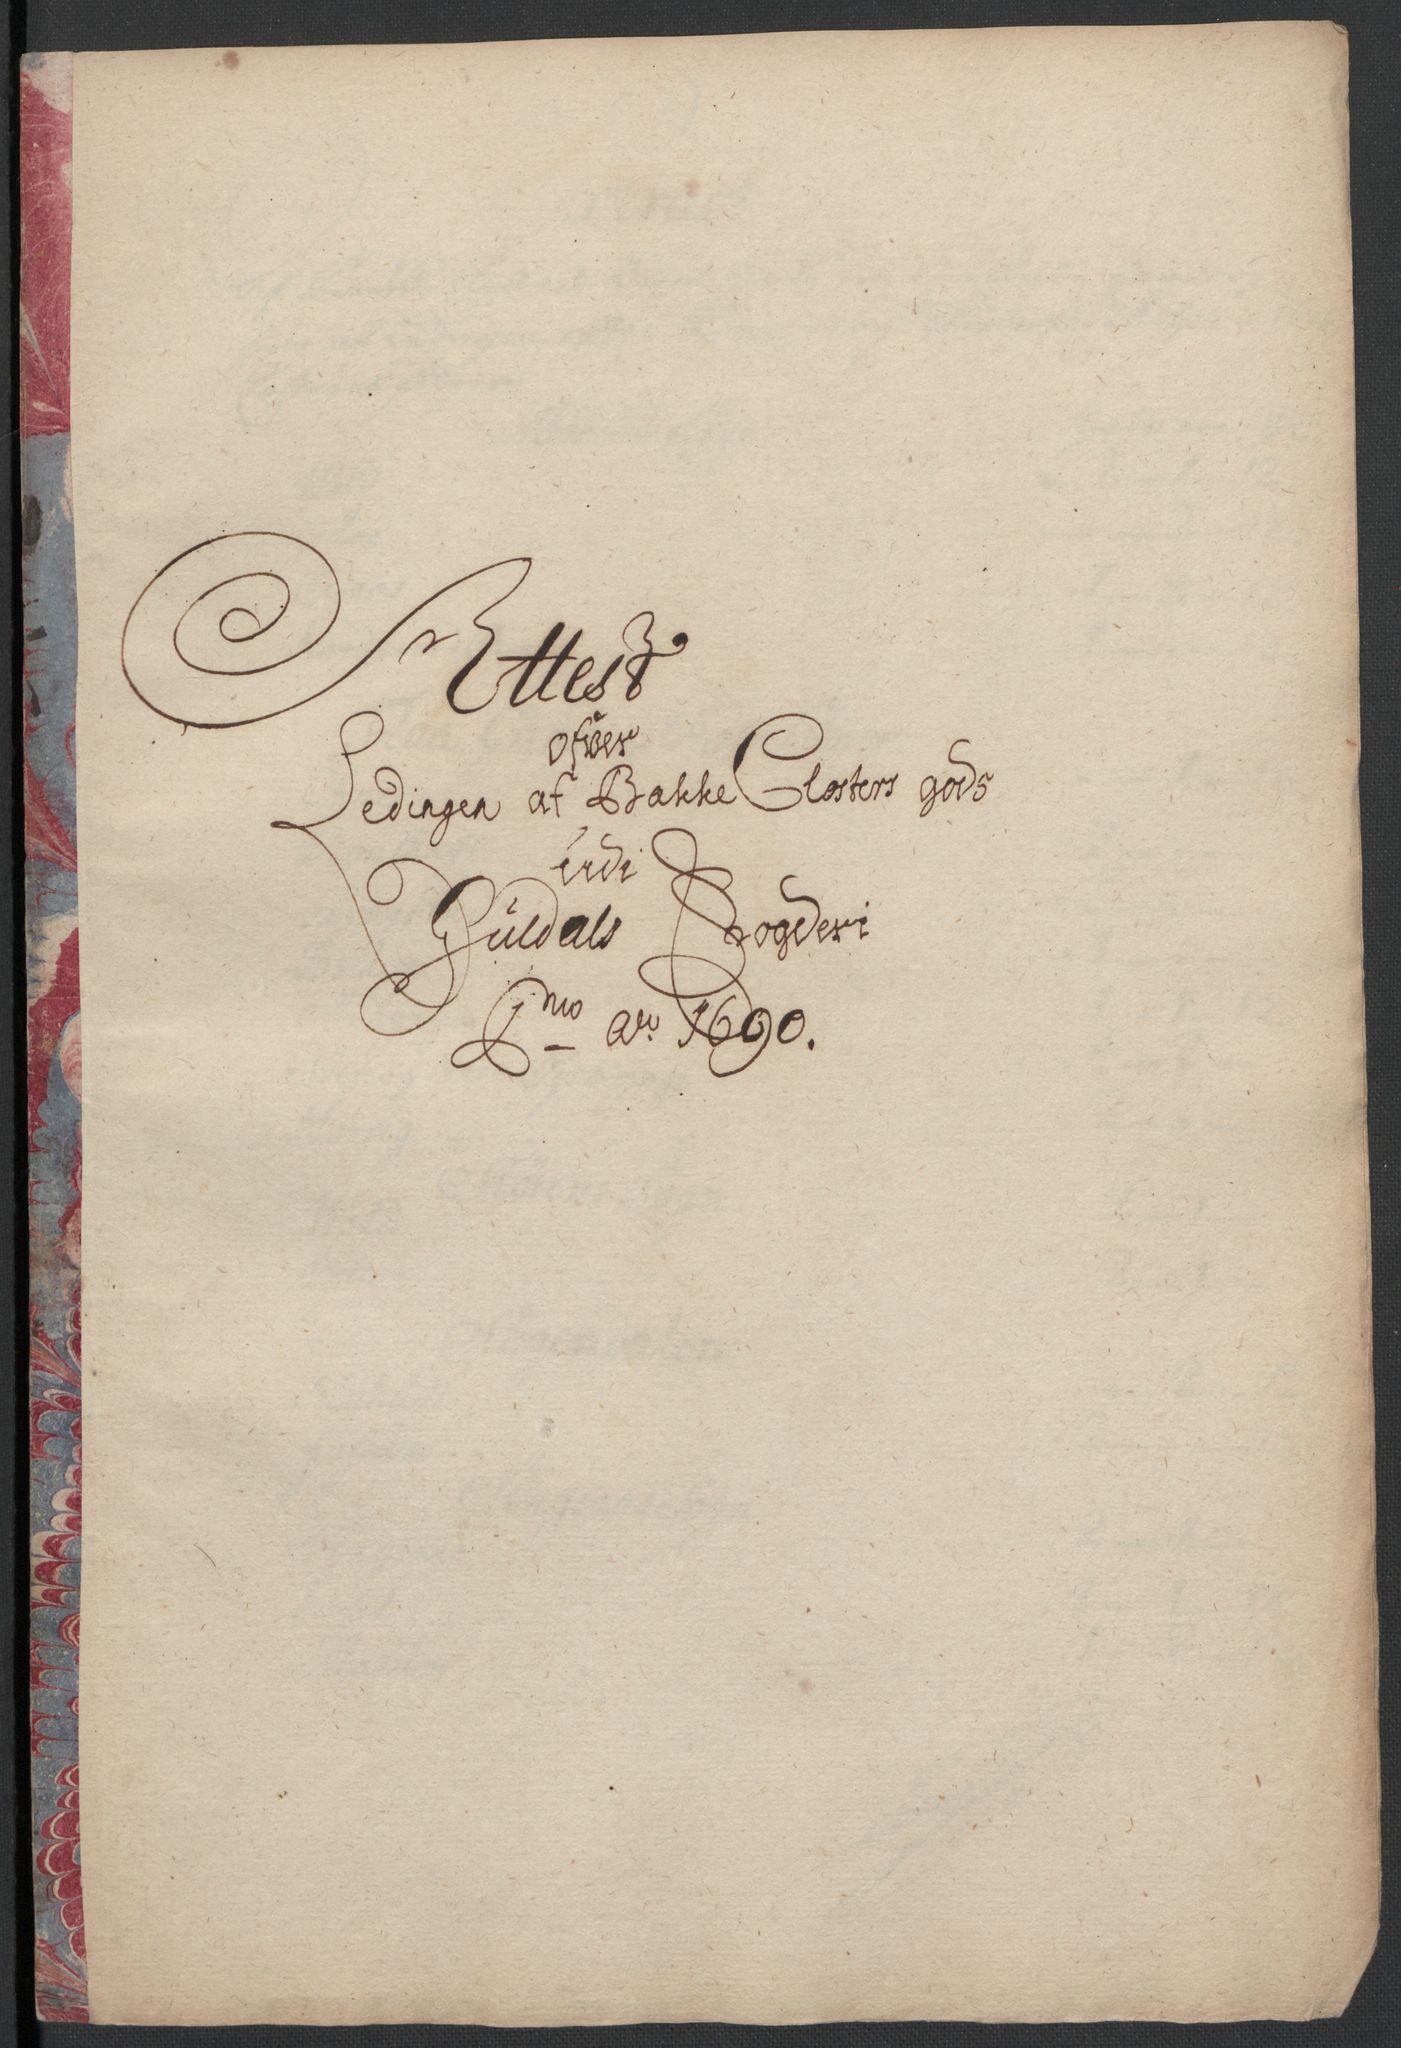 RA, Rentekammeret inntil 1814, Reviderte regnskaper, Fogderegnskap, R59/L3940: Fogderegnskap Gauldal, 1689-1690, s. 394